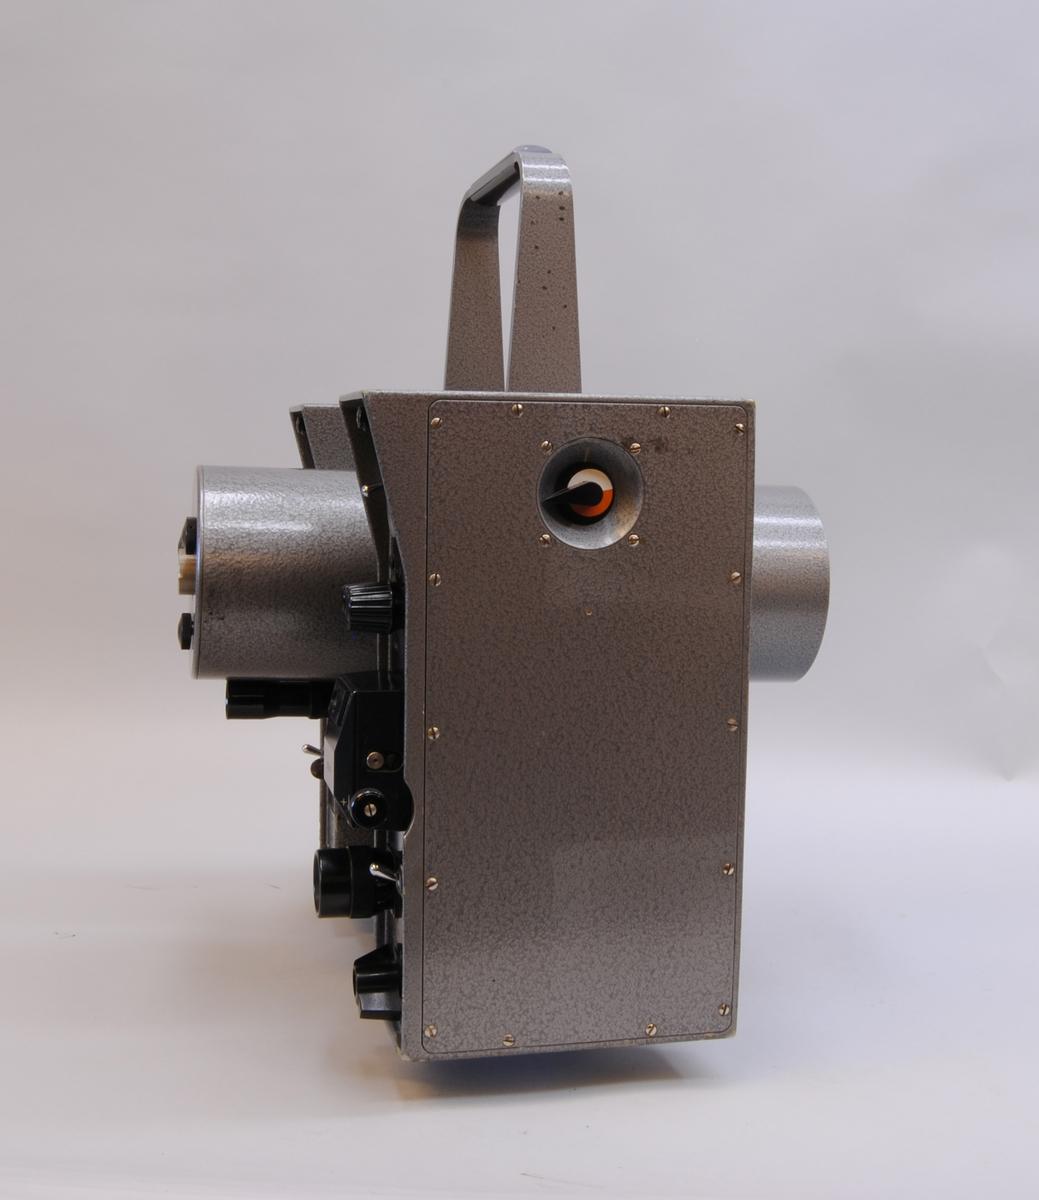 AGA Geodimeter modell 6. Mätinstrumentet har ett grått plåthölje. I mitten av instrumentet finns en cylinderformad tub som går att vinkla till horisontellt läge och skruvas åt för att fastsättas. På sidorna om tuben är två rektangulärt stående partier med olika reglage på den sidan som instrumentet manövreras från. Instrumentet står på en rund vridbar platta som är avsedd att fästas i ett stativ. Se även fodral Jvm23132:2-3 samt tillbehör Jvm23132:4-9.